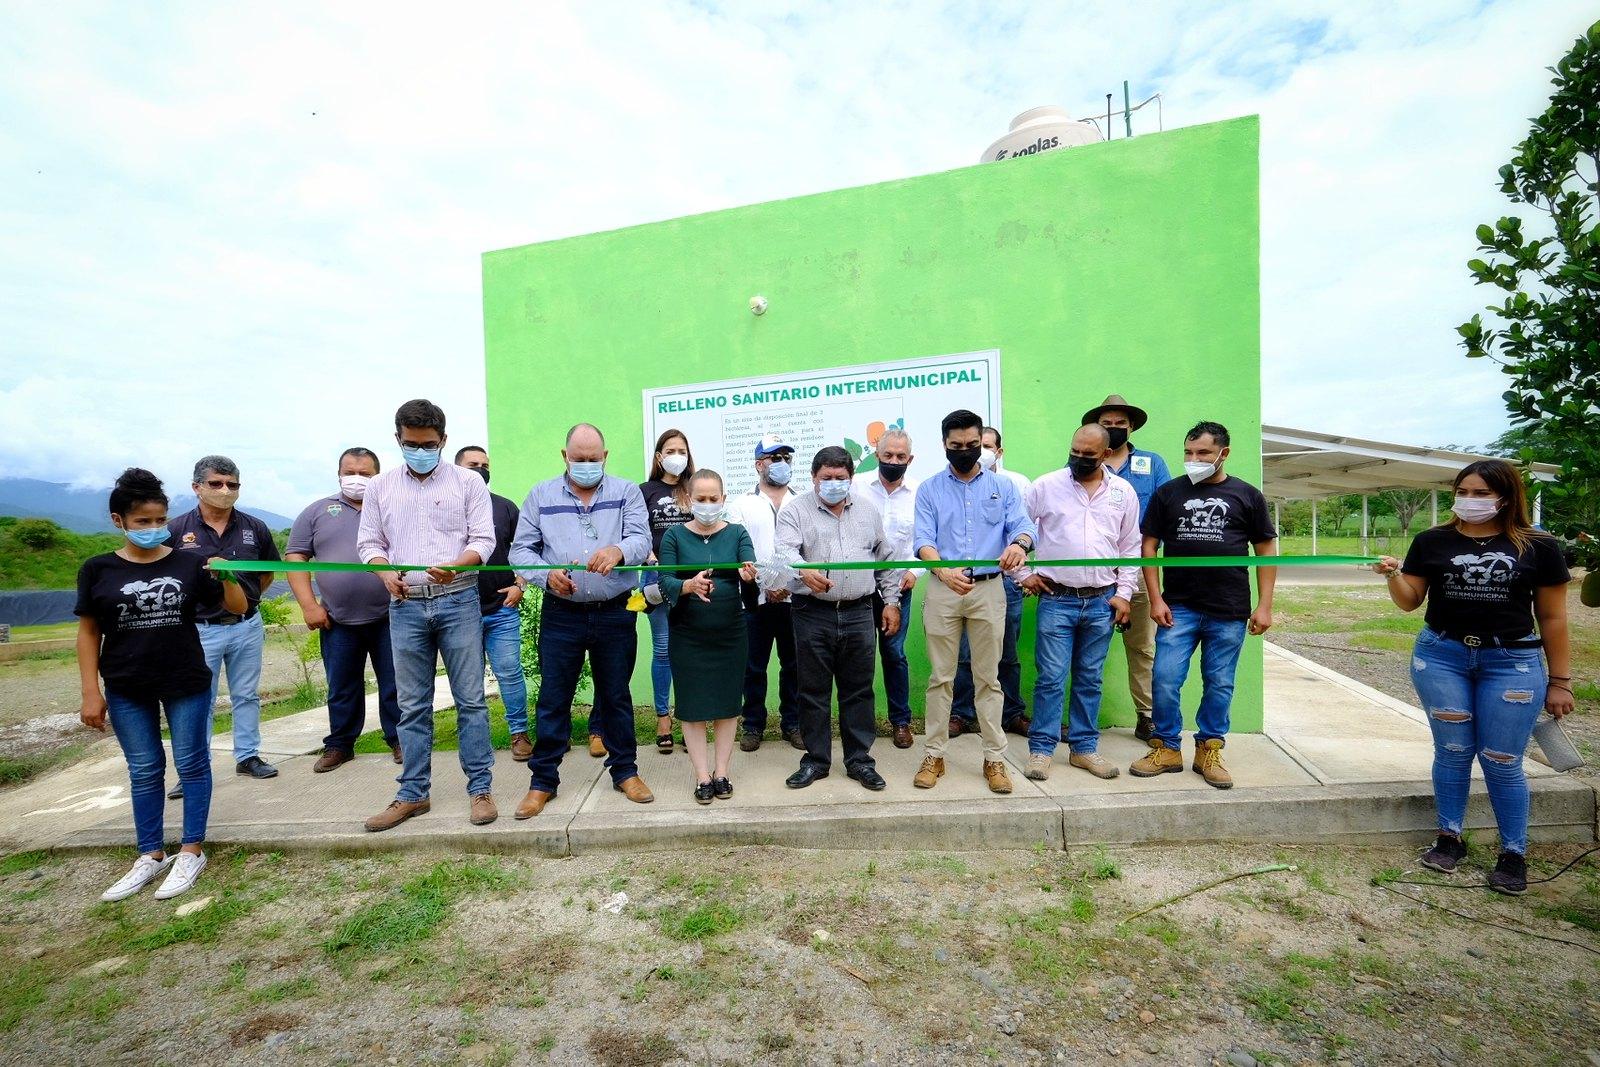 Inauguran relleno sanitario intermunicipal en la Costa Sur